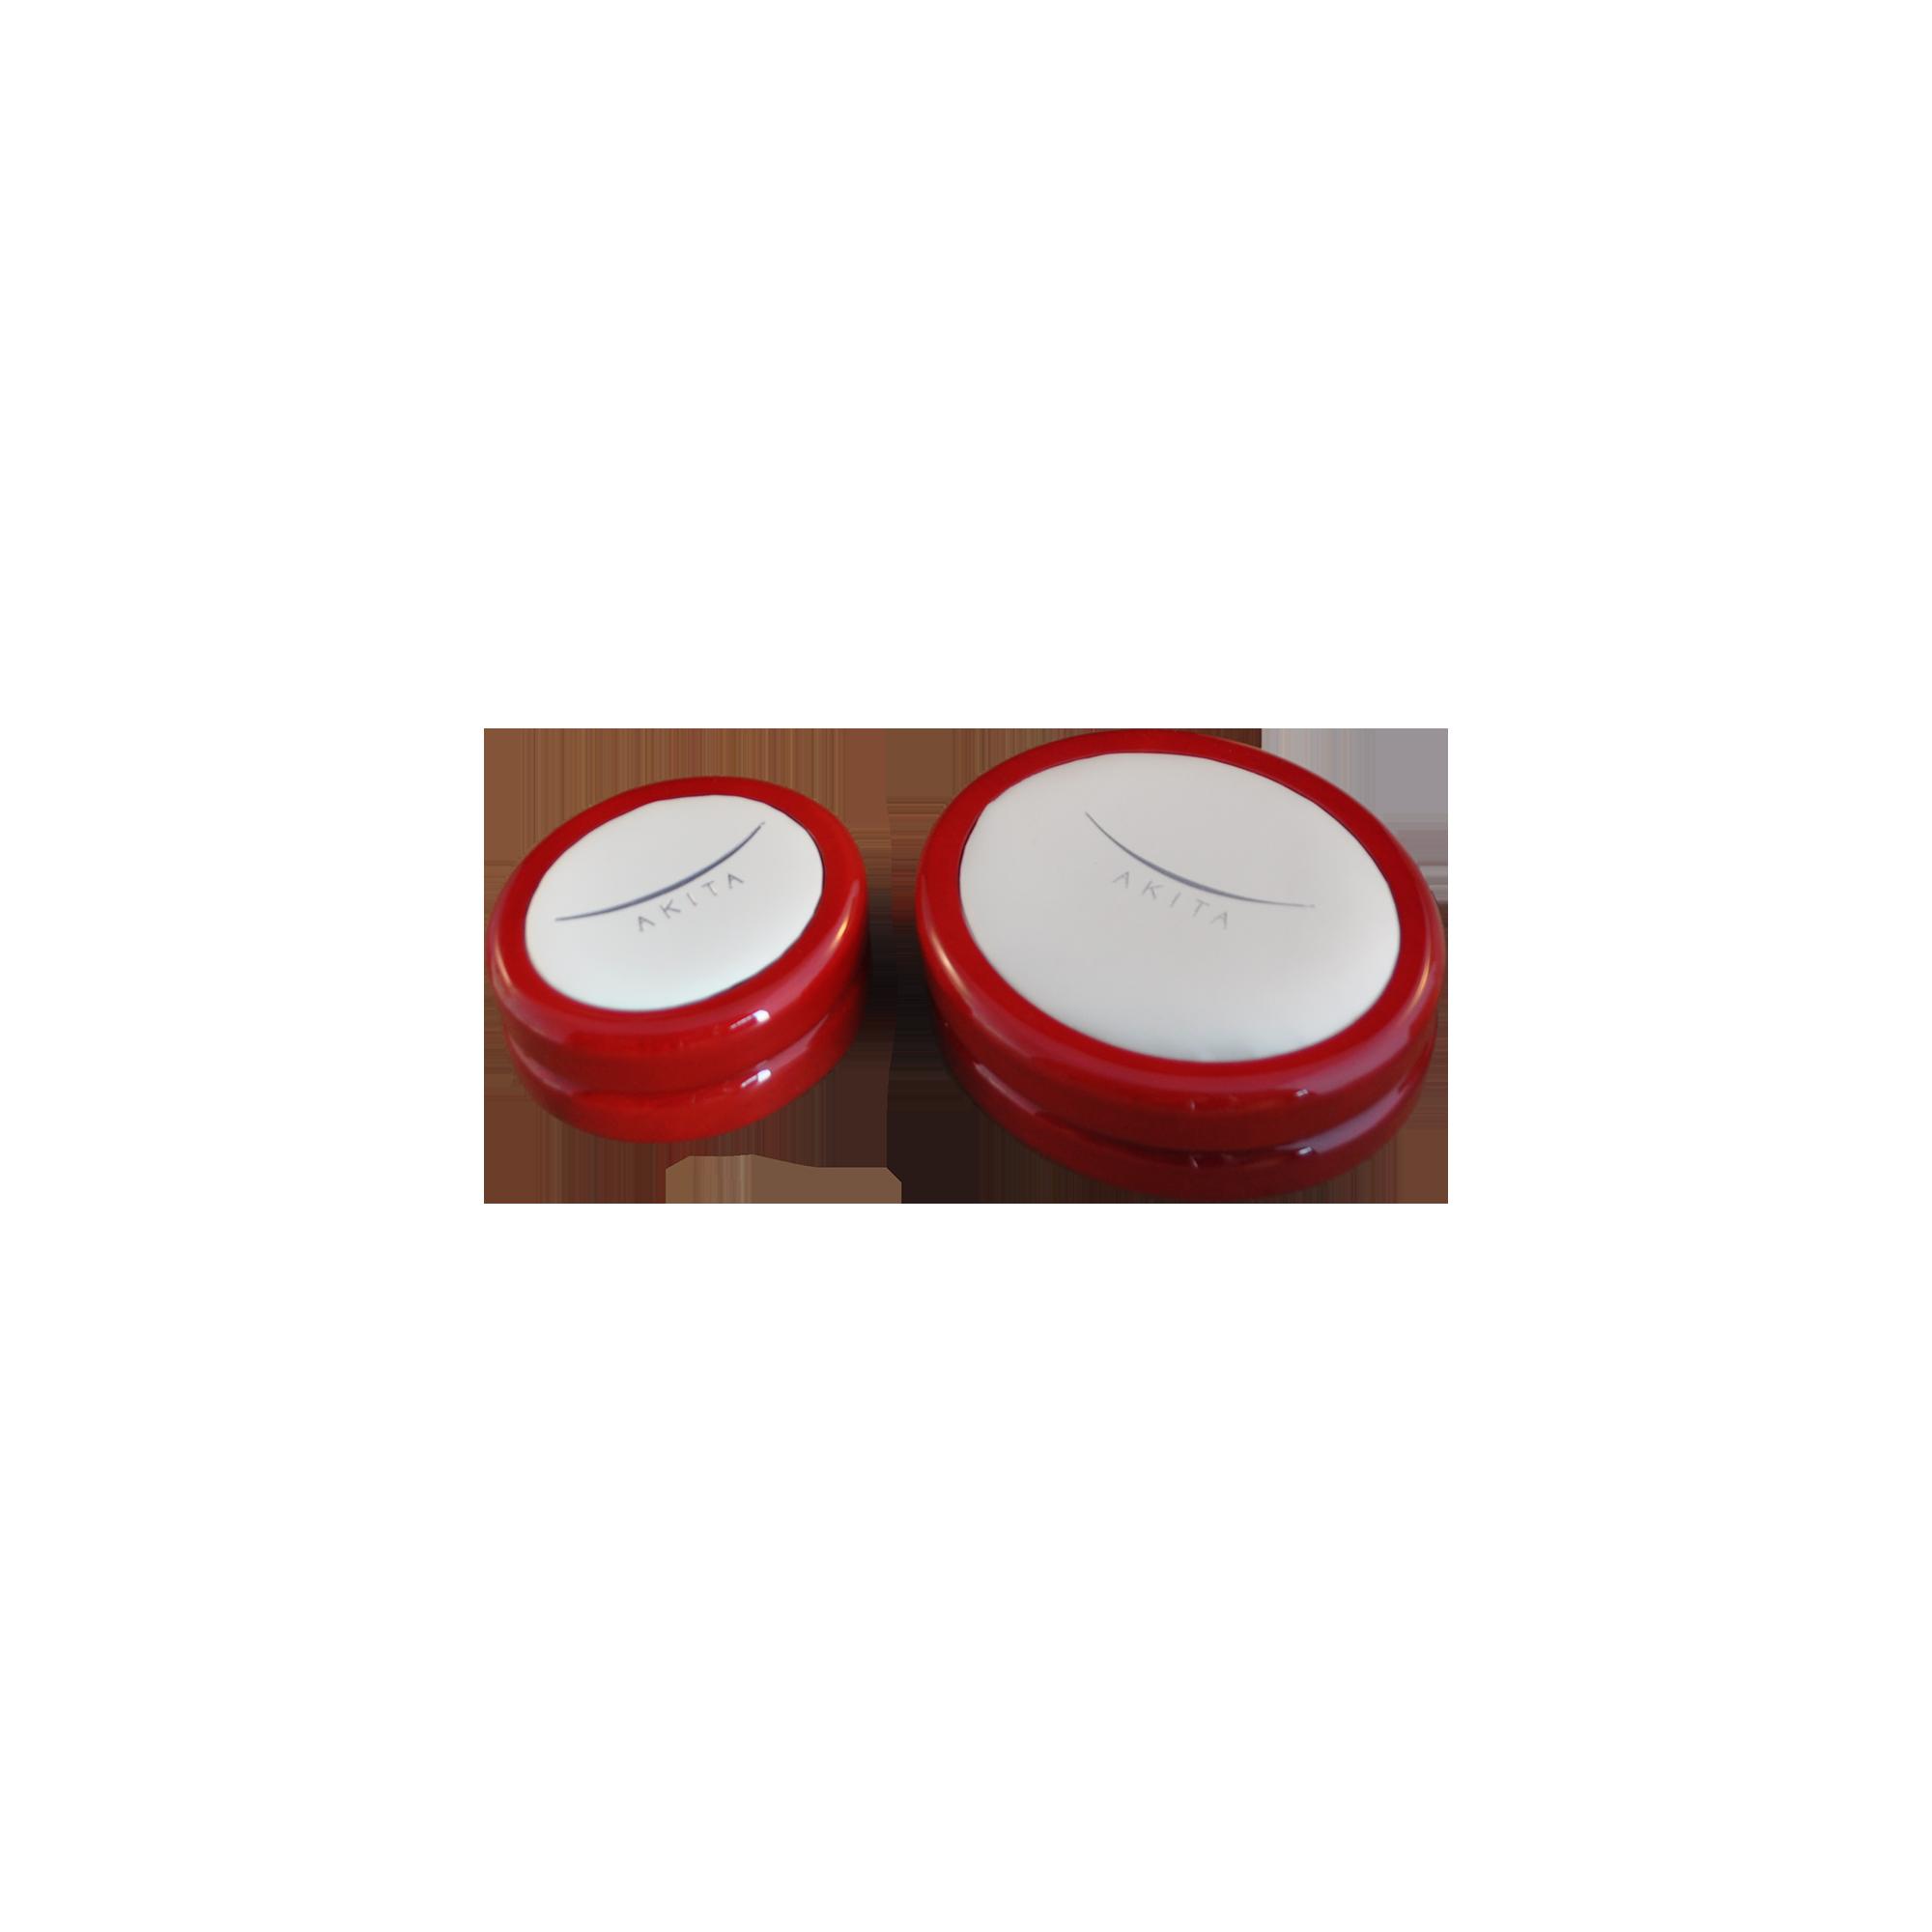 Scatola personalizzata per gioielli laccata ludica